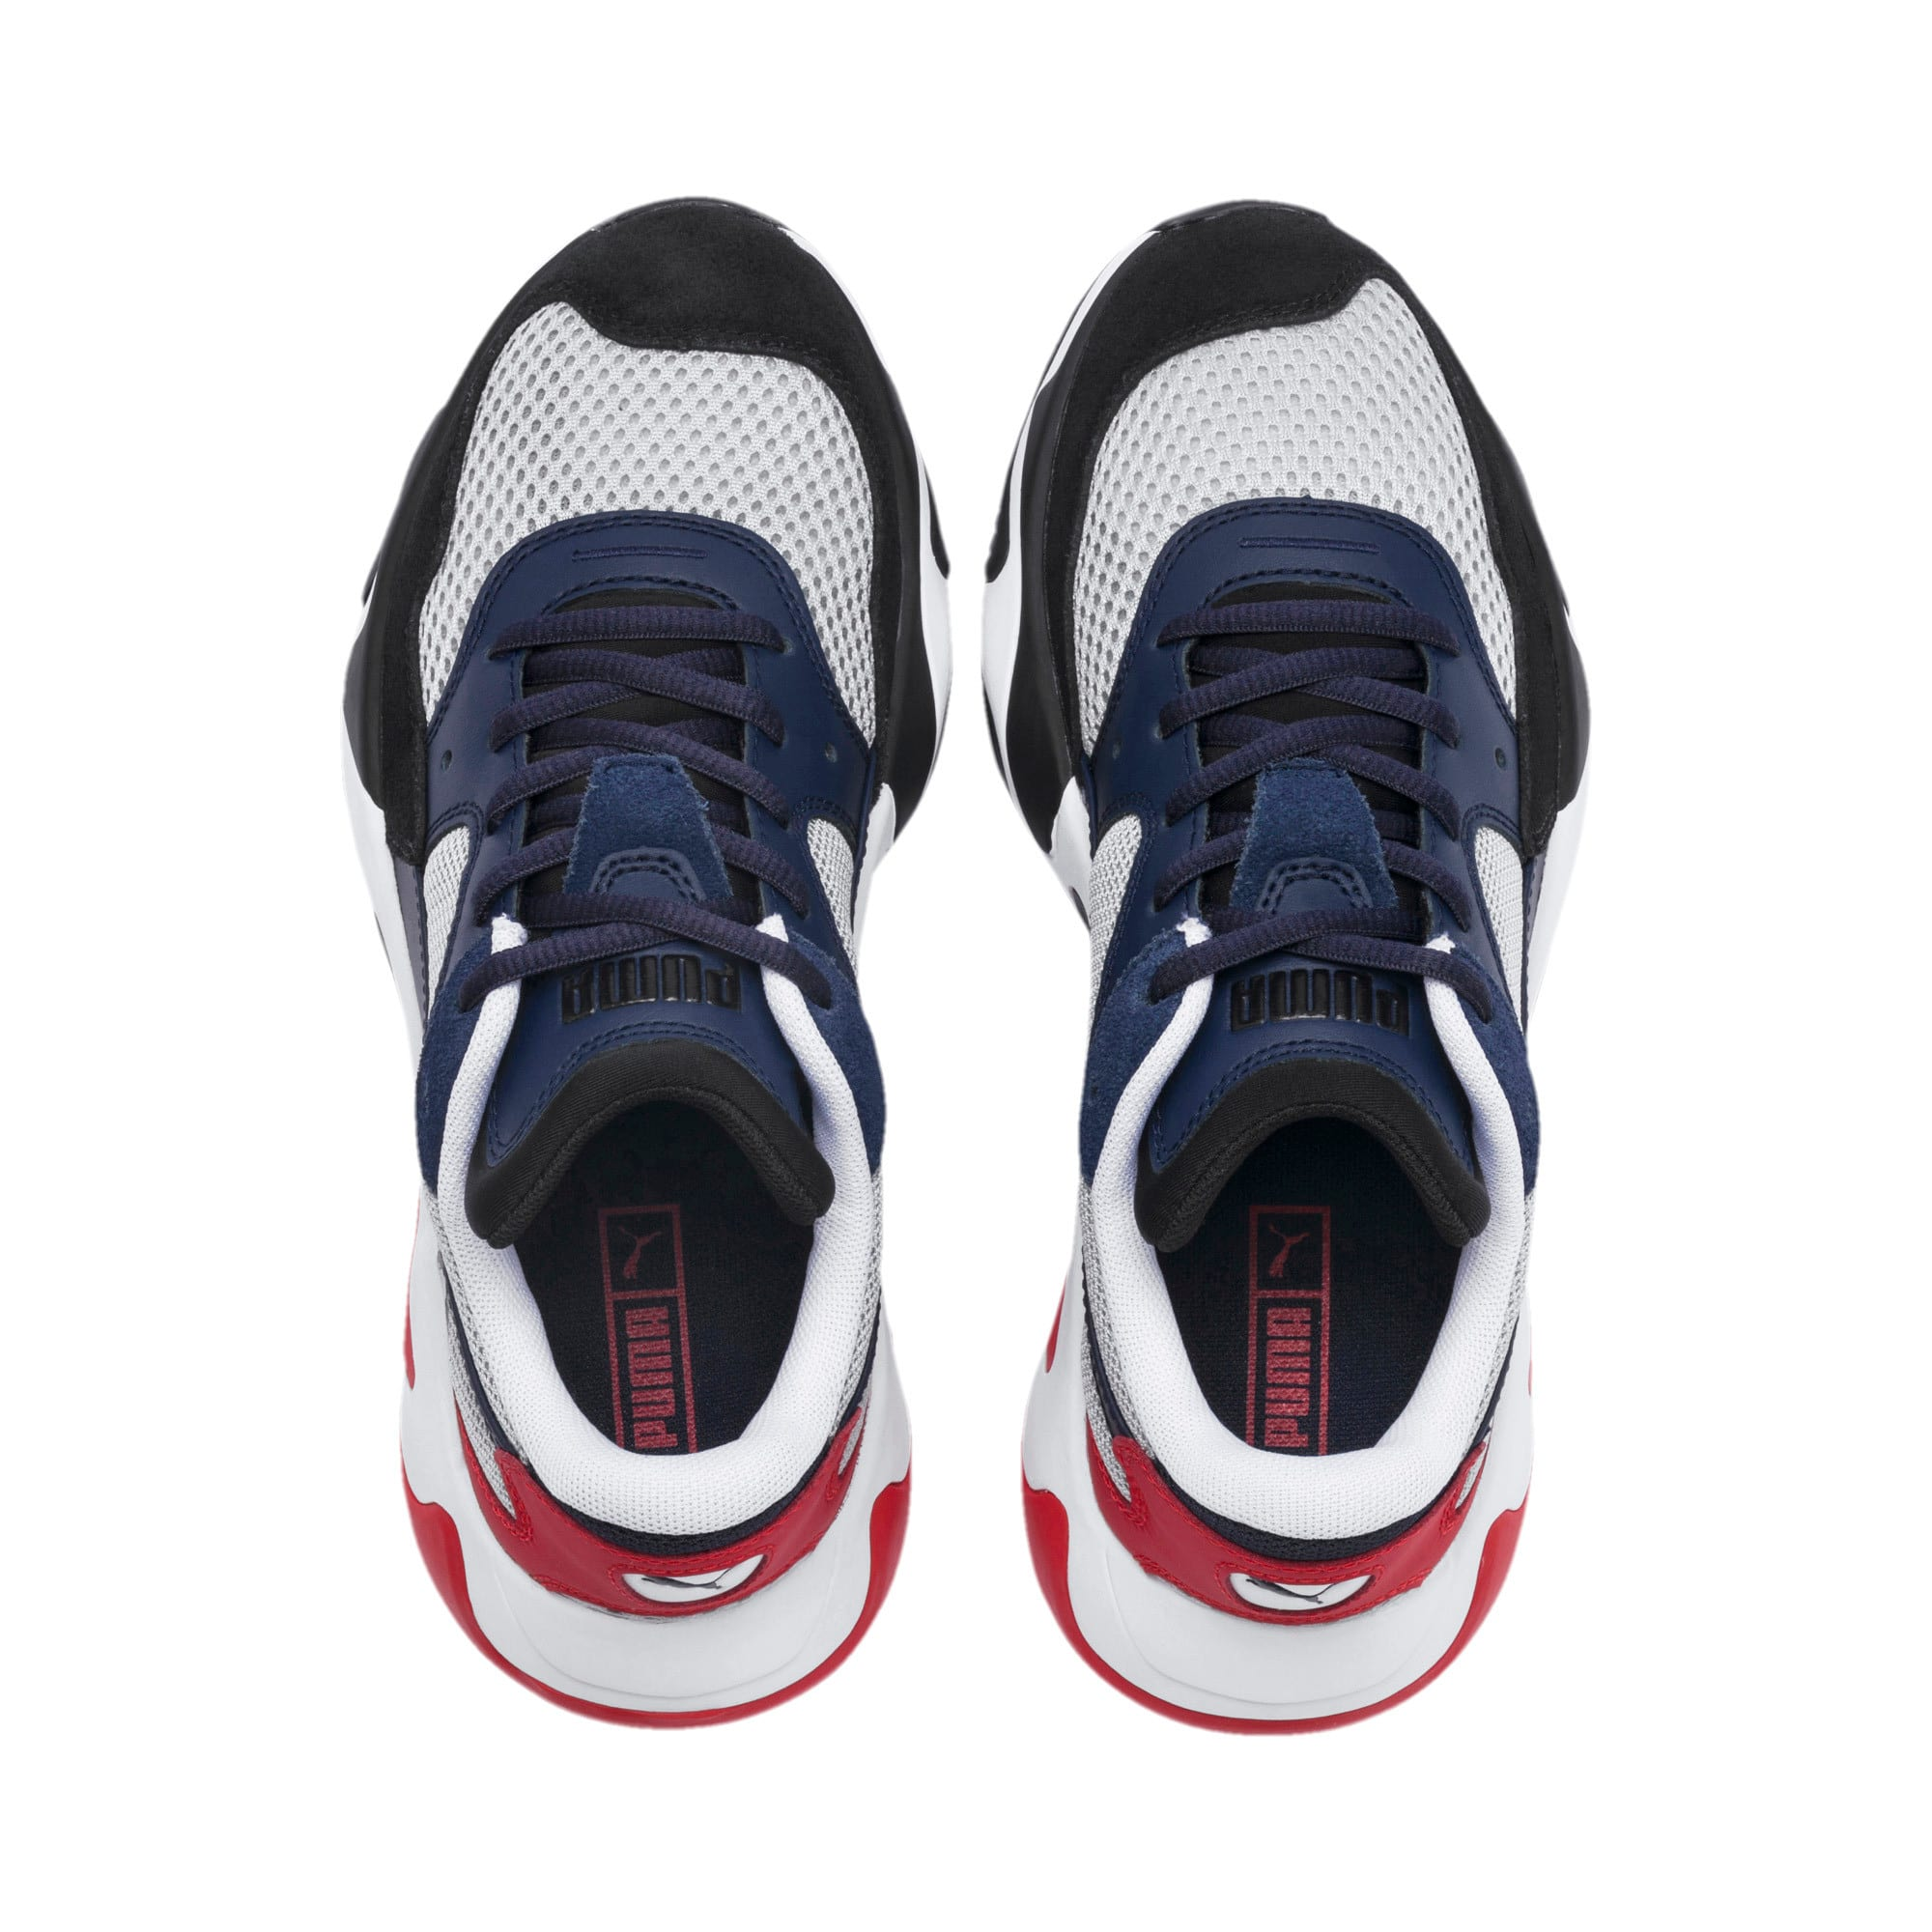 Thumbnail 6 of Storm Origin Sneakers JR, Puma Black-High Rise, medium